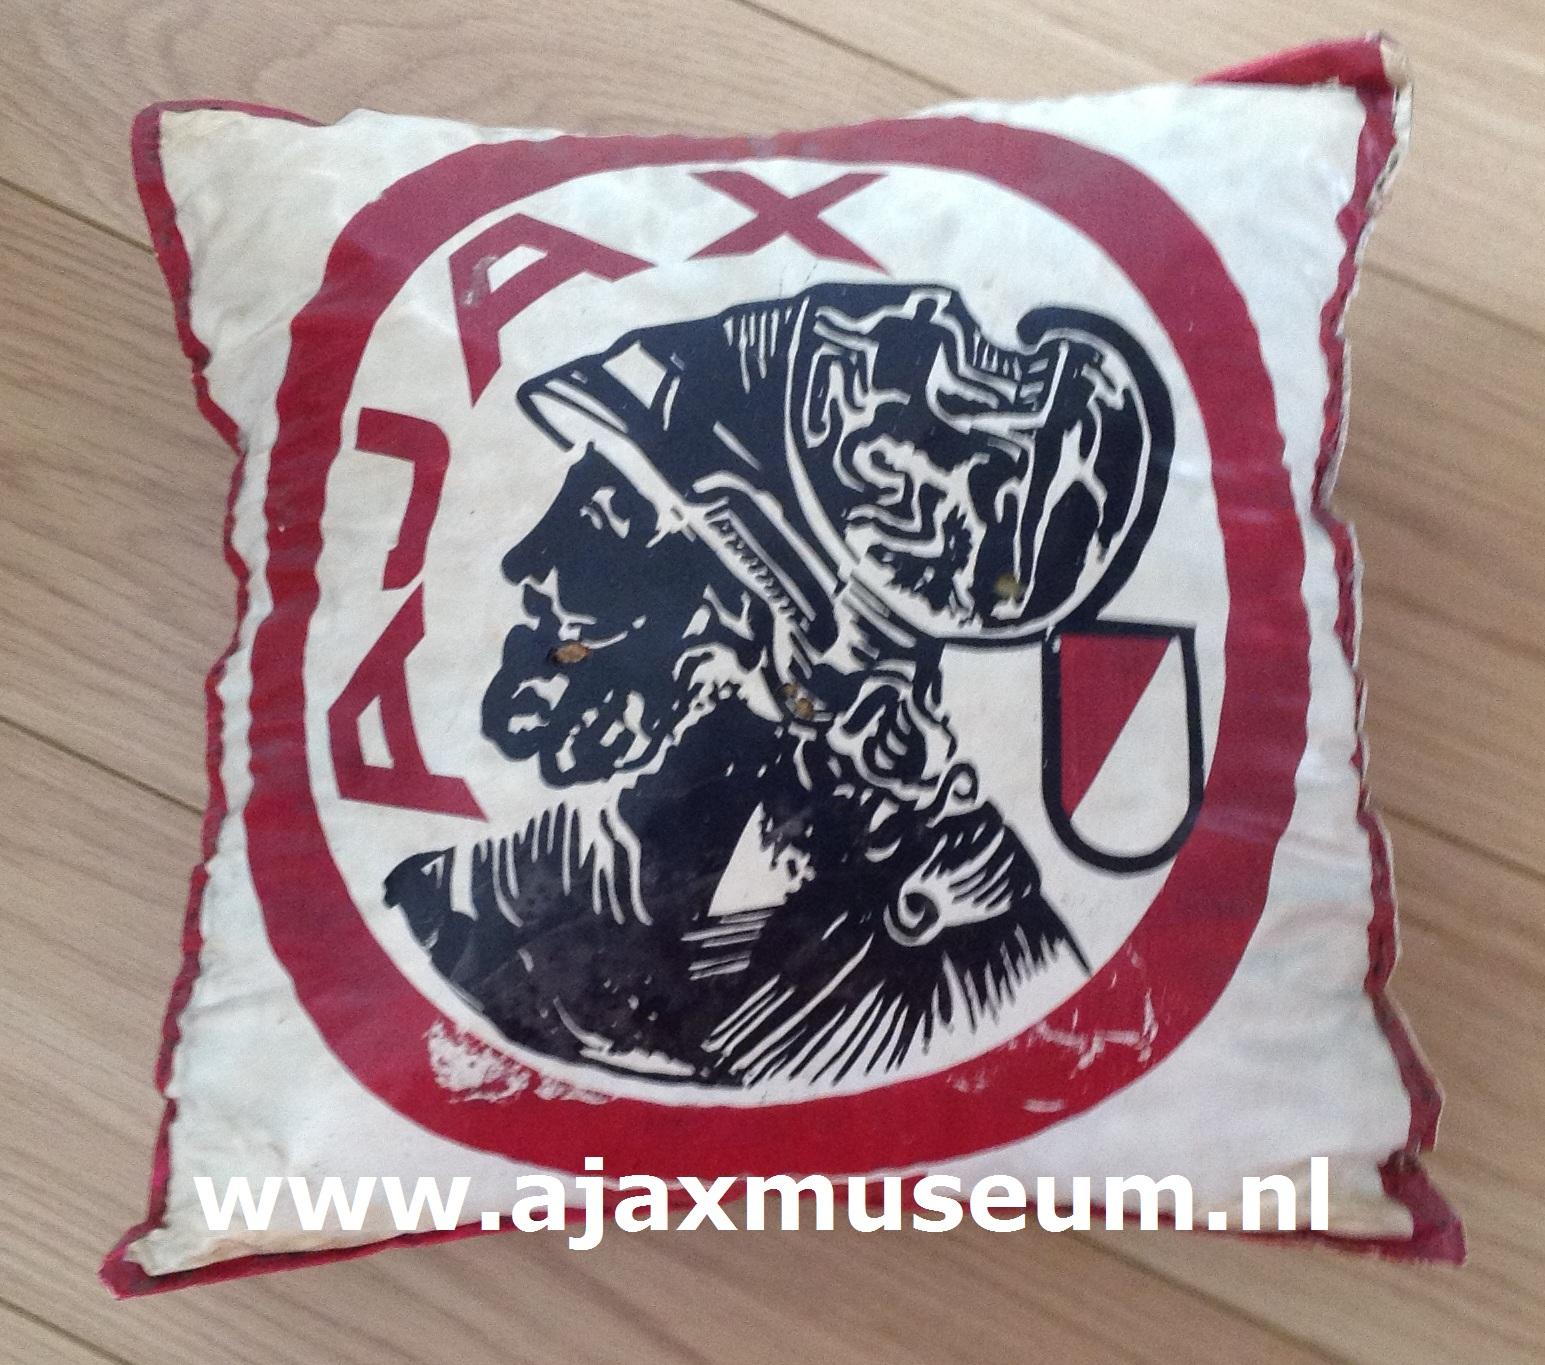 Diversen ajax museum for Ajax kussen